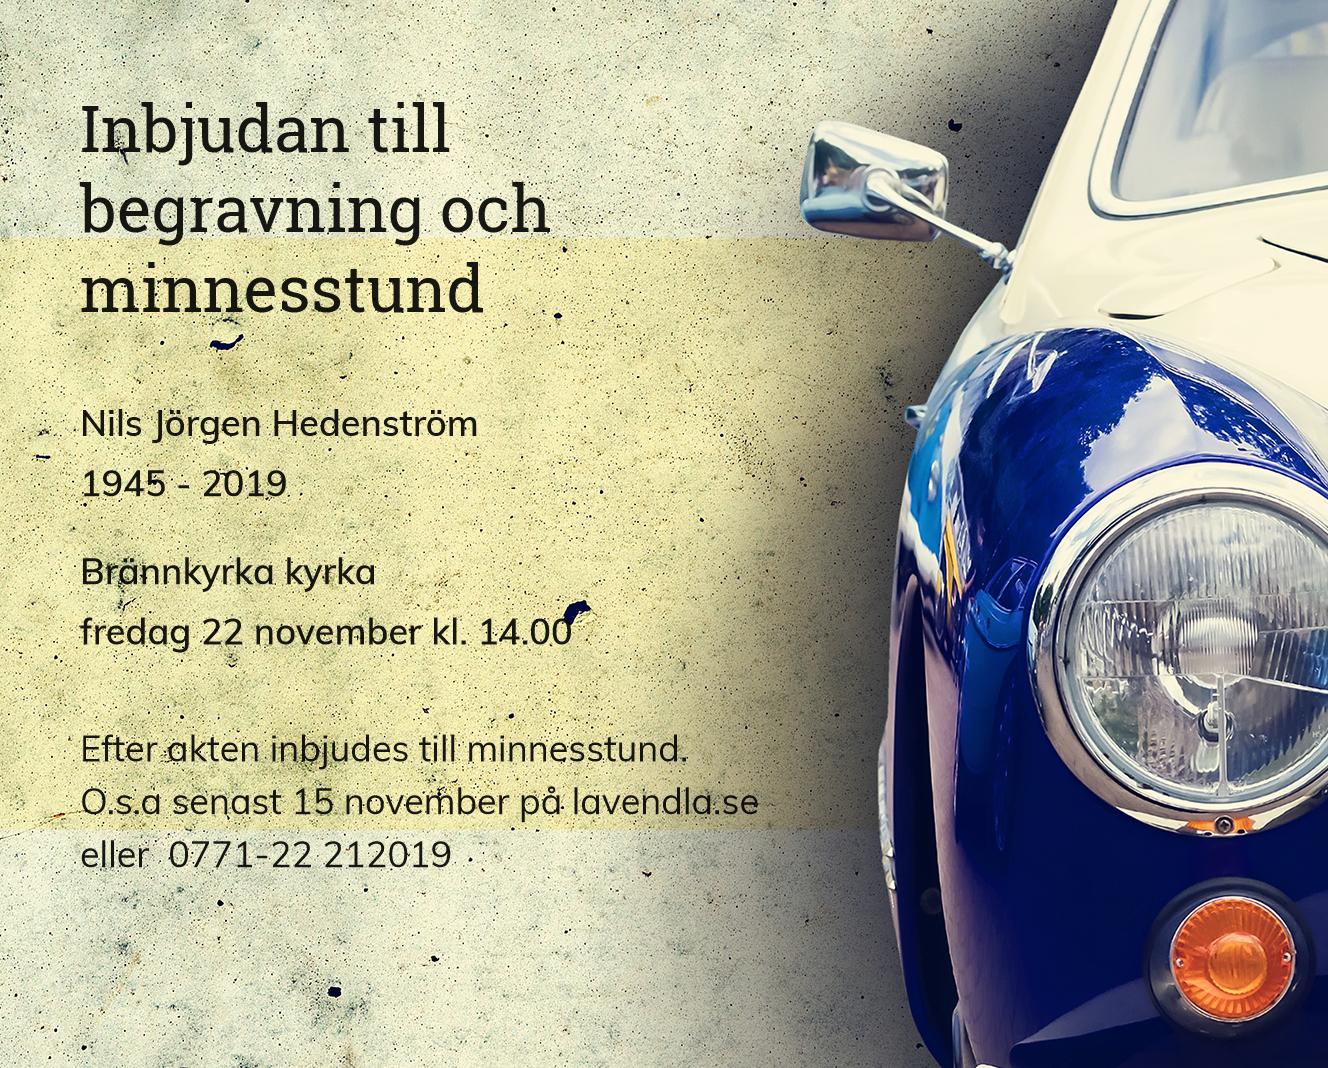 Inbjudningskort till ceremonin för Nils Jörgen Hedenström